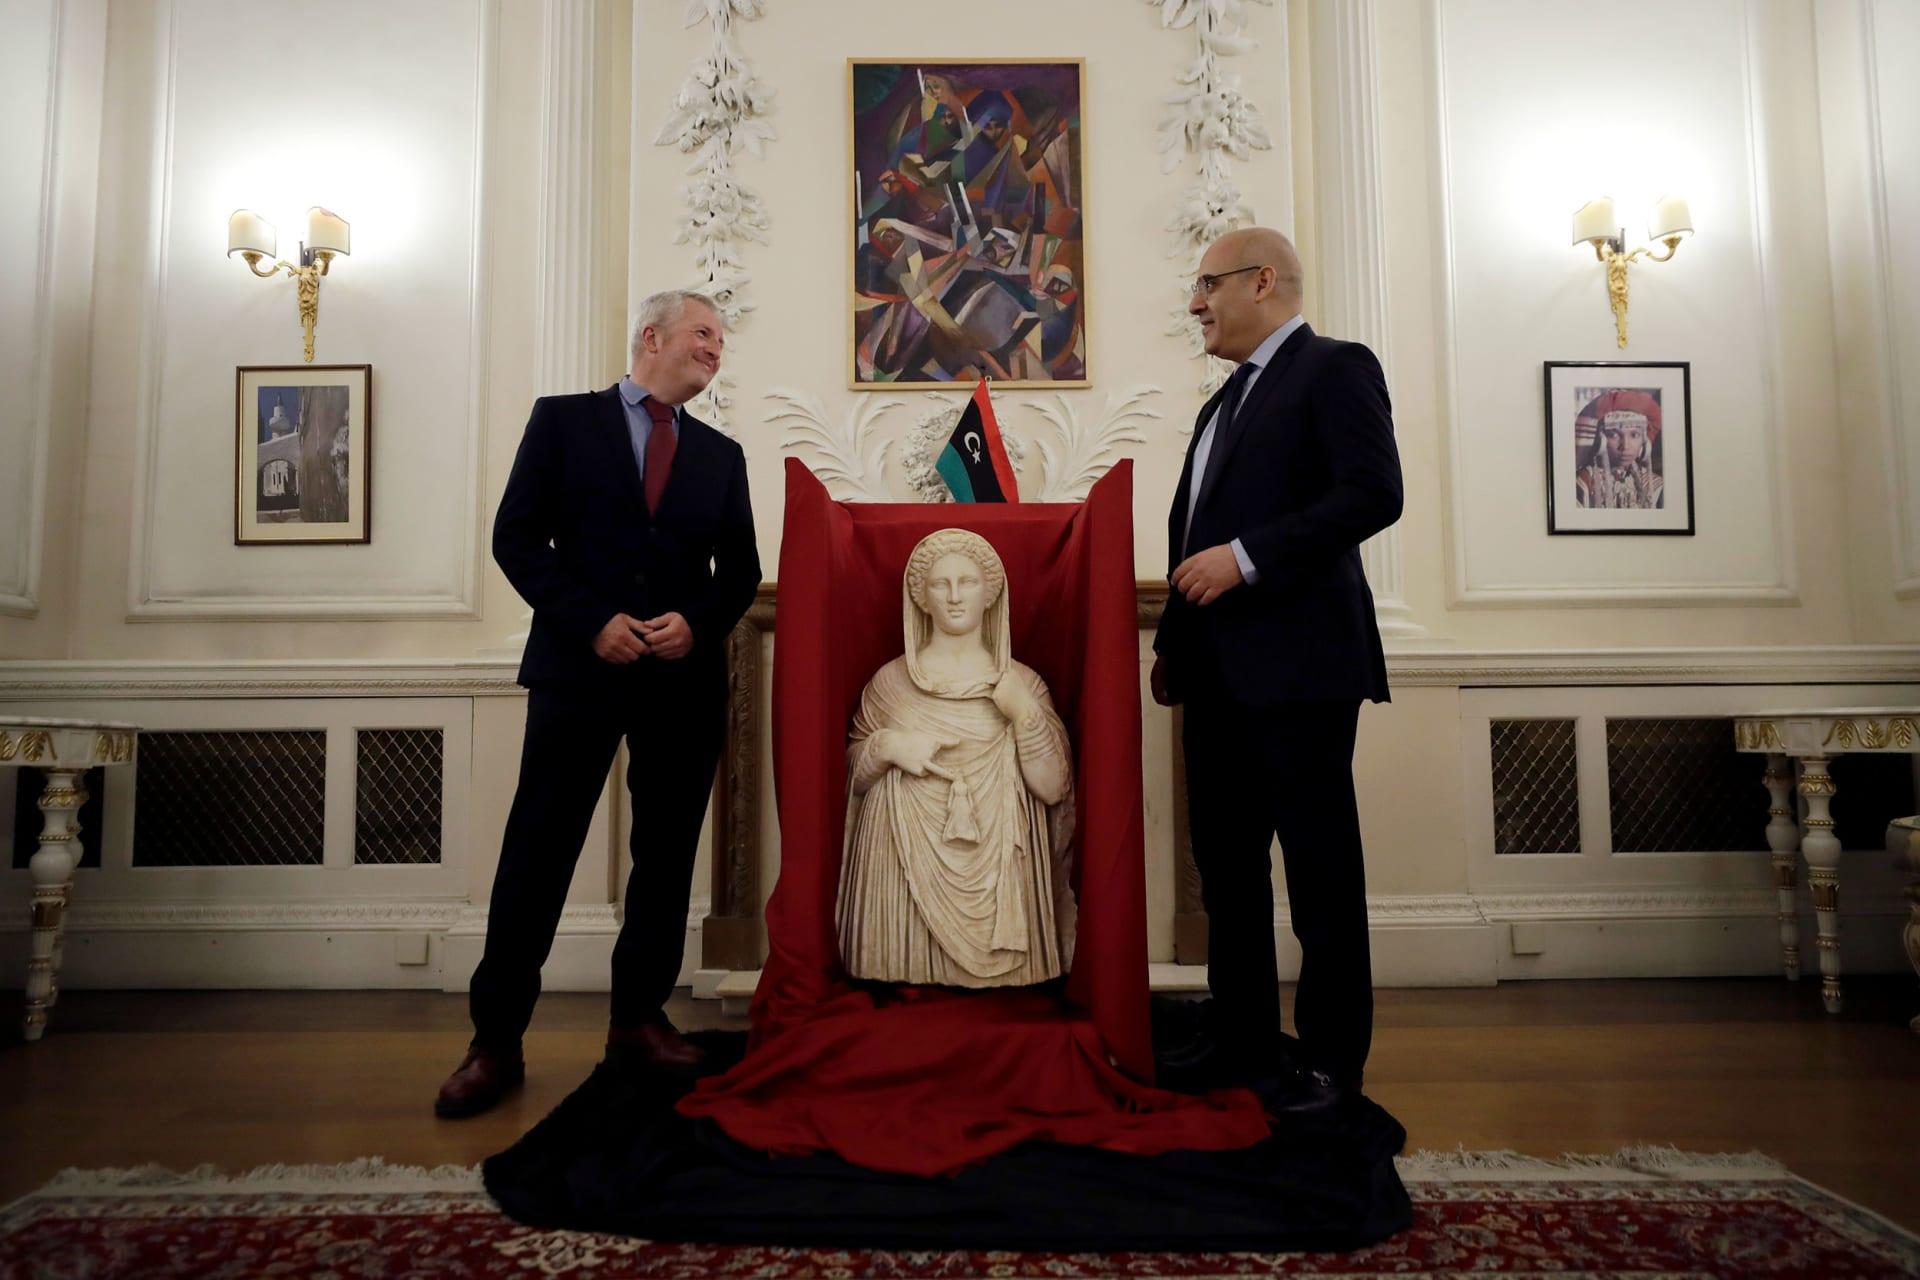 يُعتقد أنه منهوب.. إعادة تمثال قديم إلى ليبيا بعد مصادرته بمطار في لندن قبل عدة أعوام